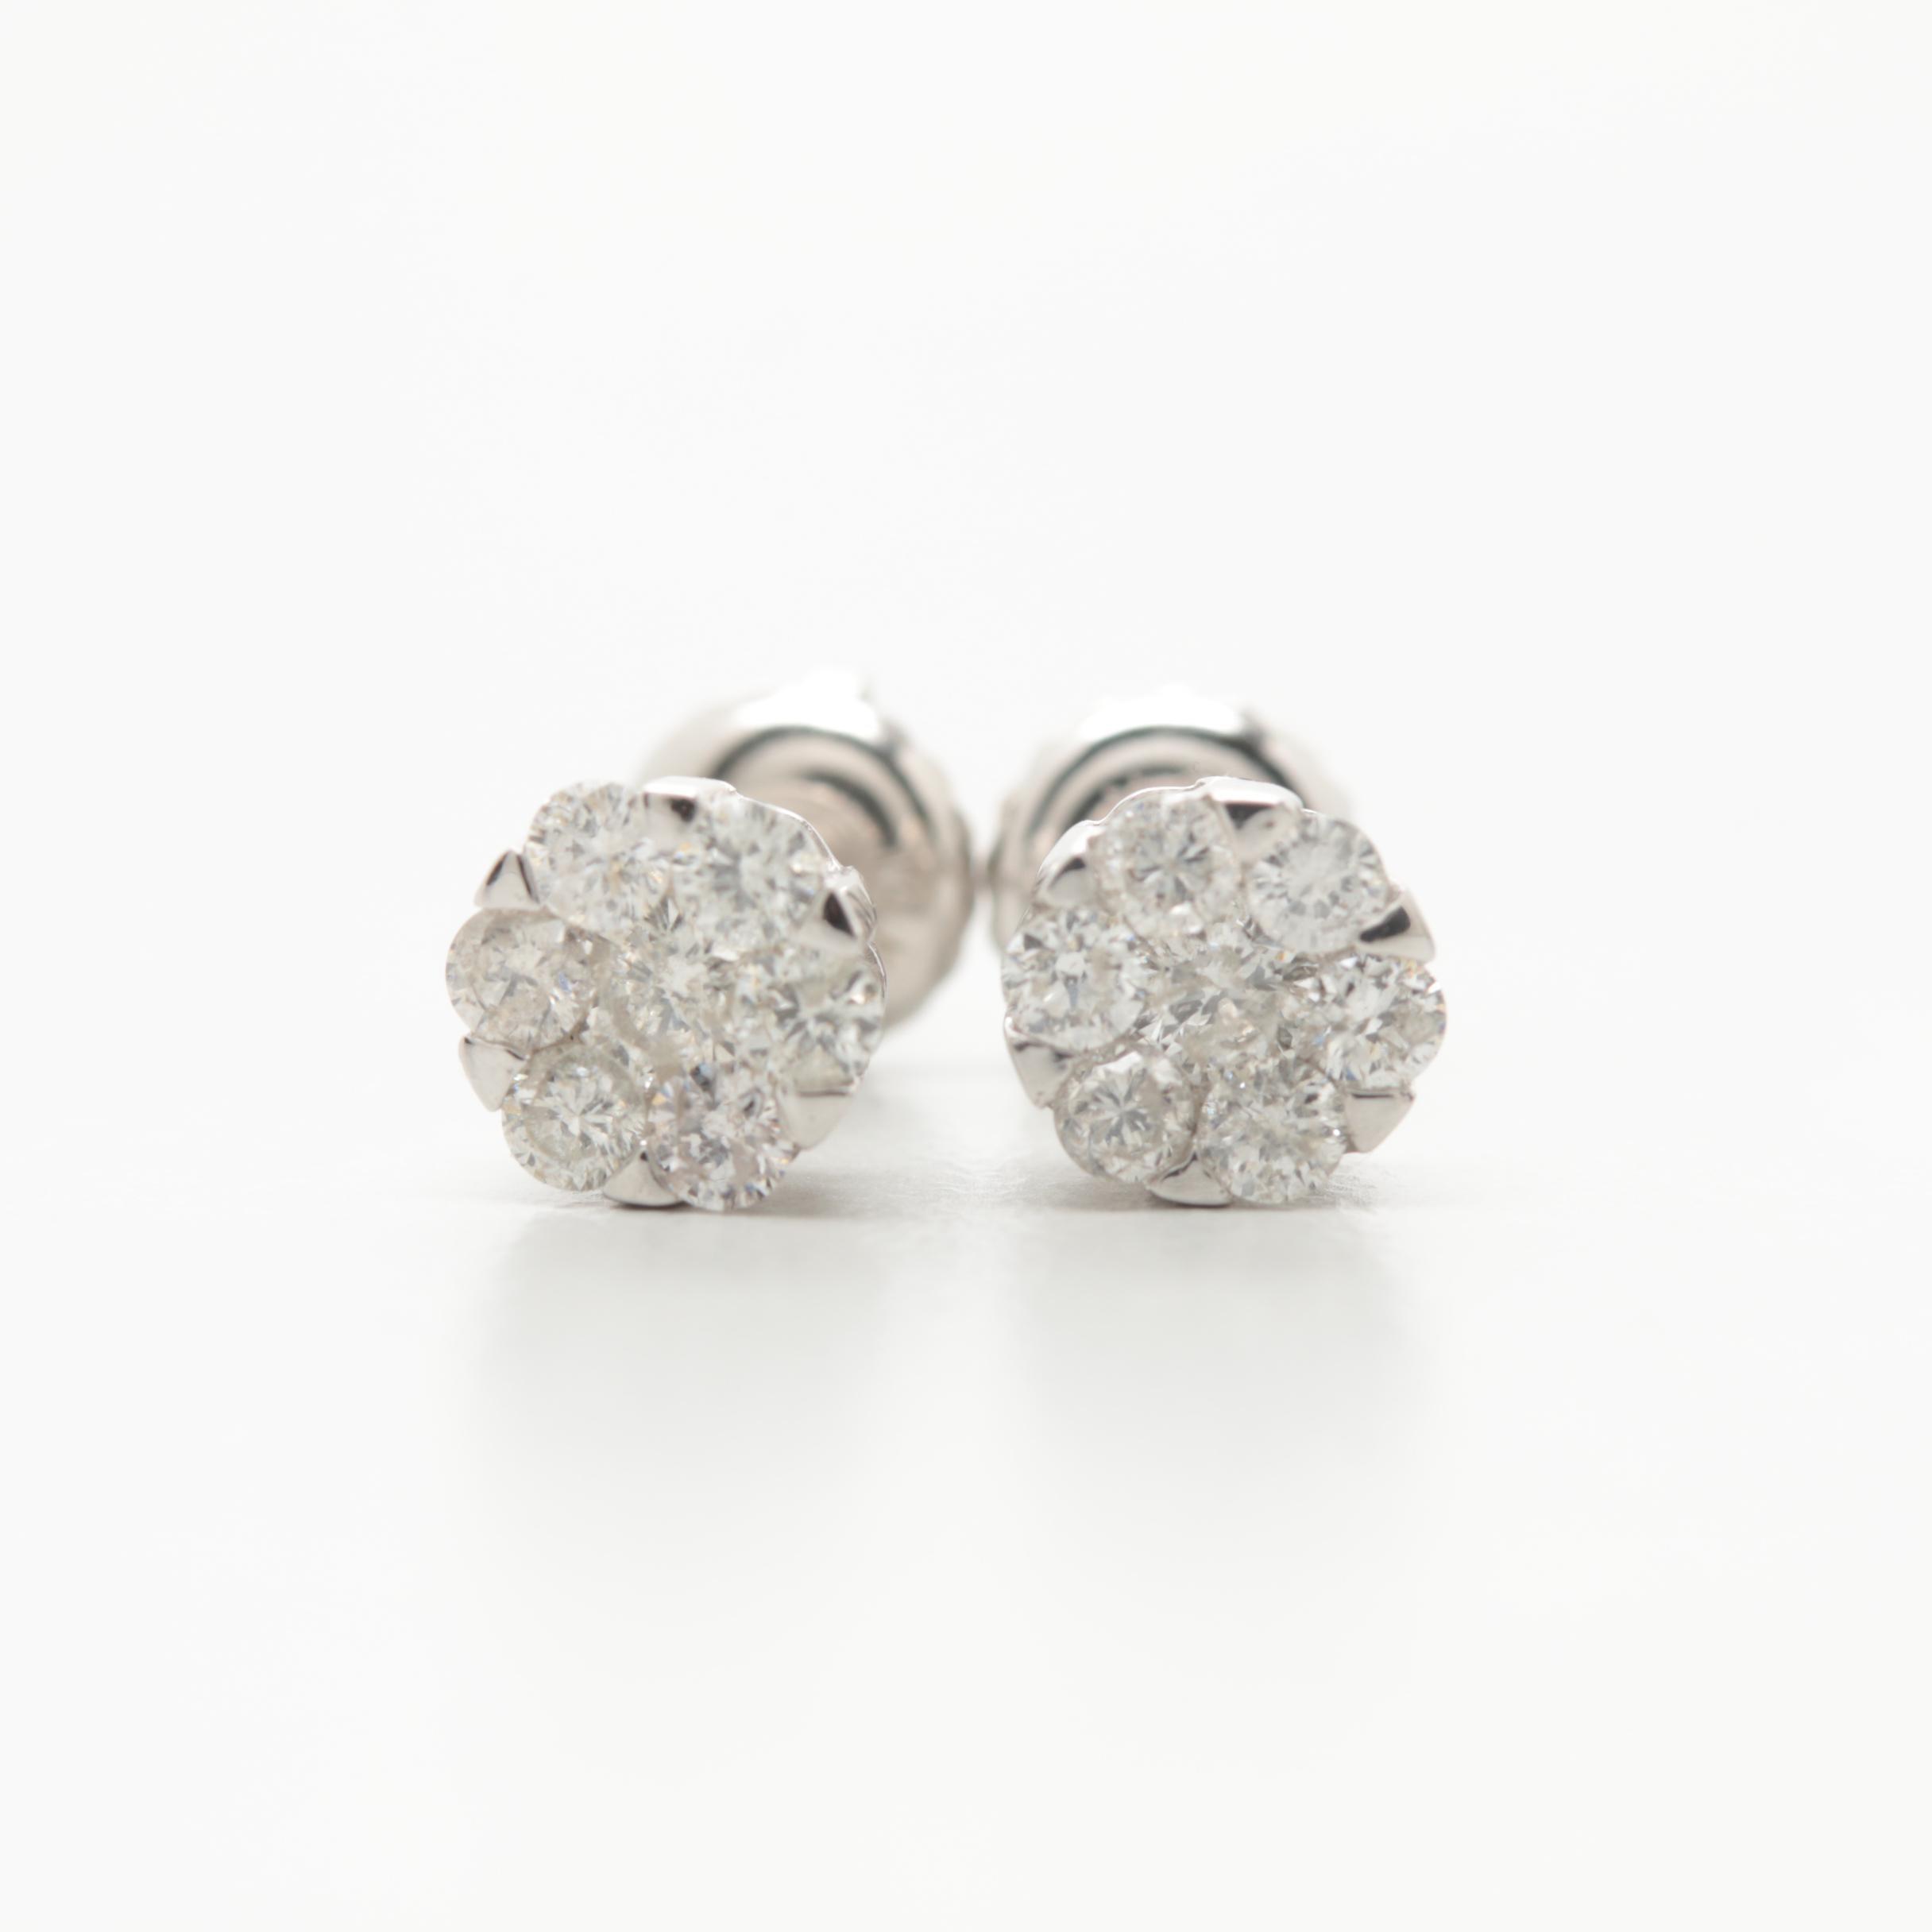 10K White Gold Diamond Earrings